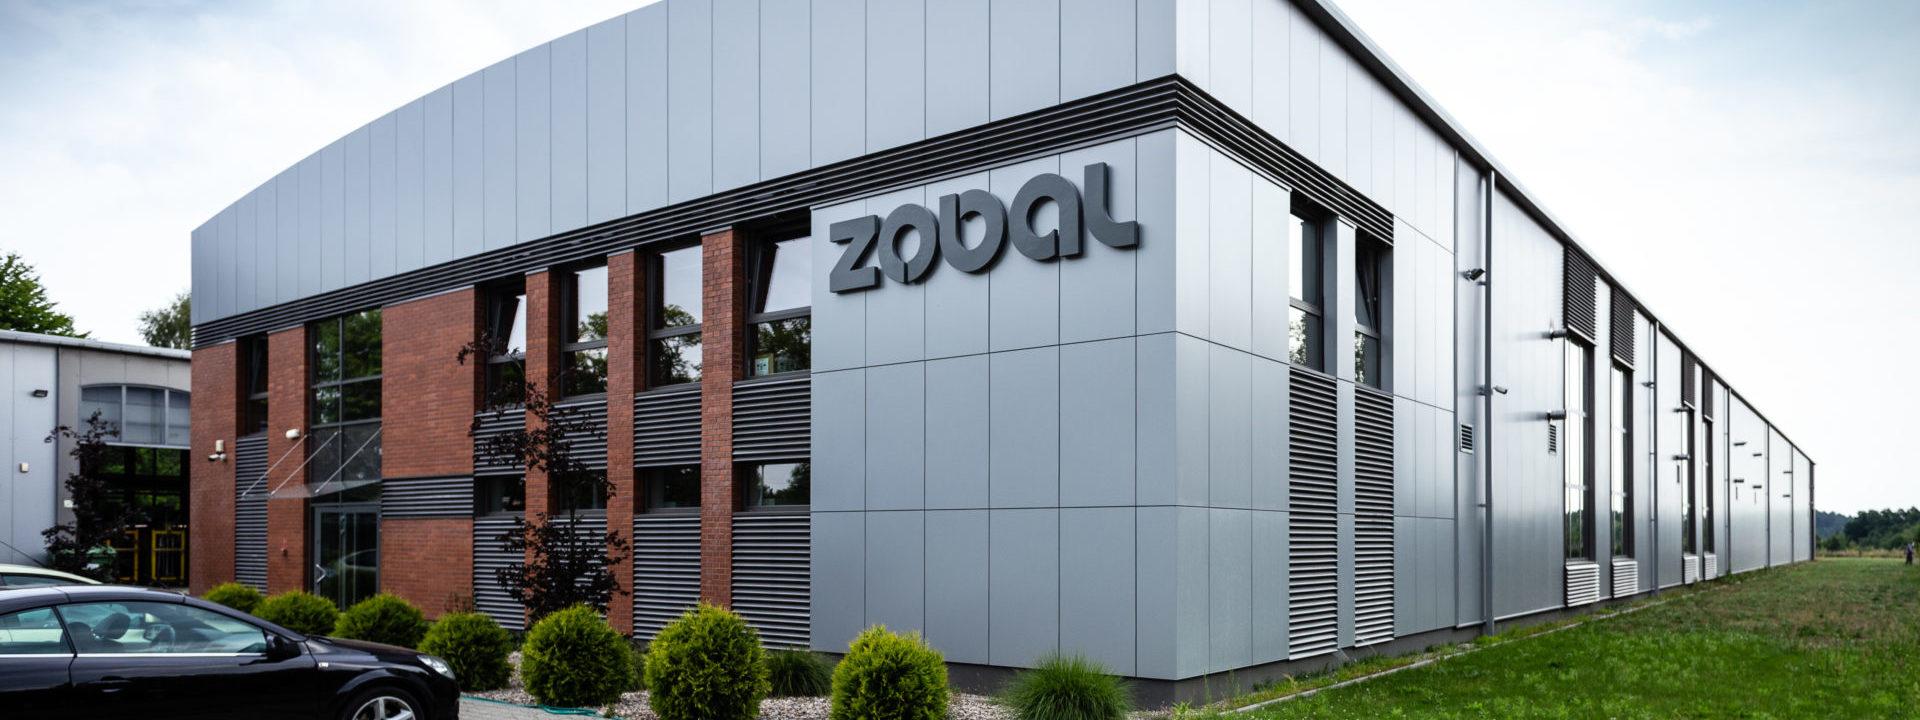 Realizacja 2015 - Hale produkcyjno-magazynowo Zobal w Trzciance w województwie wielkopolskim - hala z zewnątrz